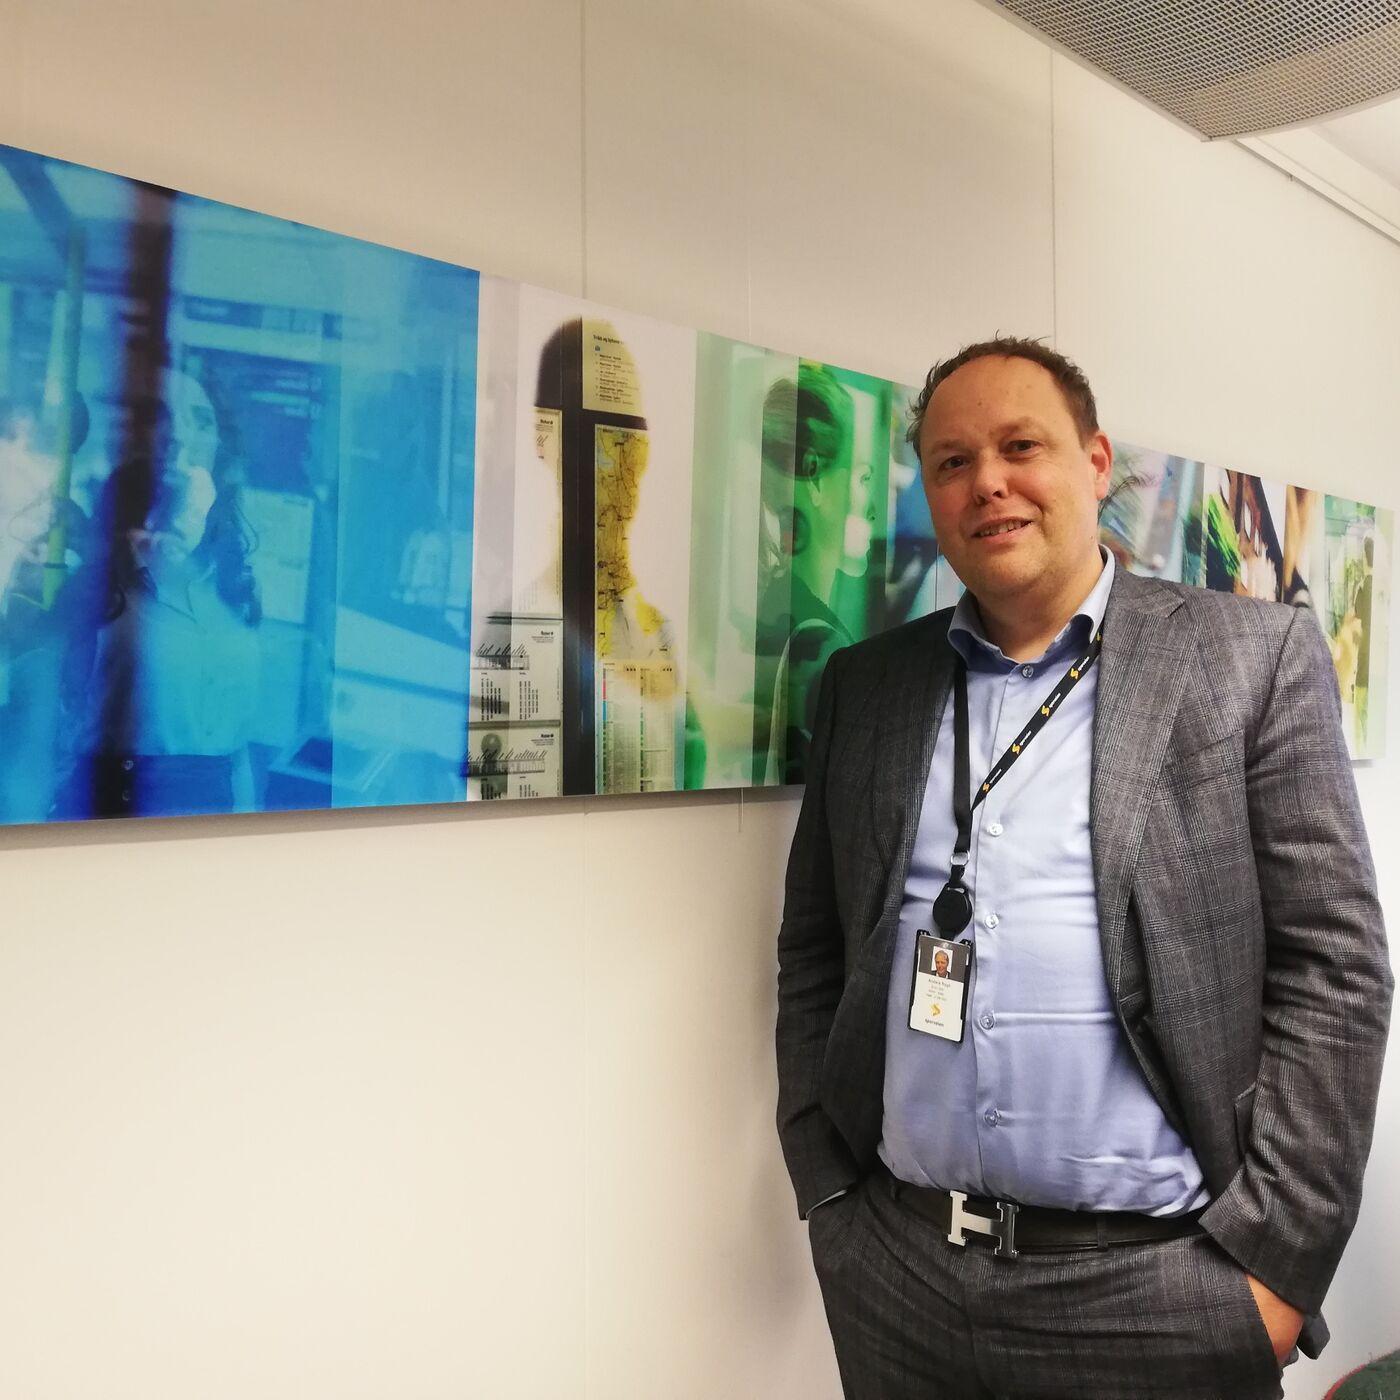 Konserndirektør for T-banen Anders Rygh og framtiden i T-banen